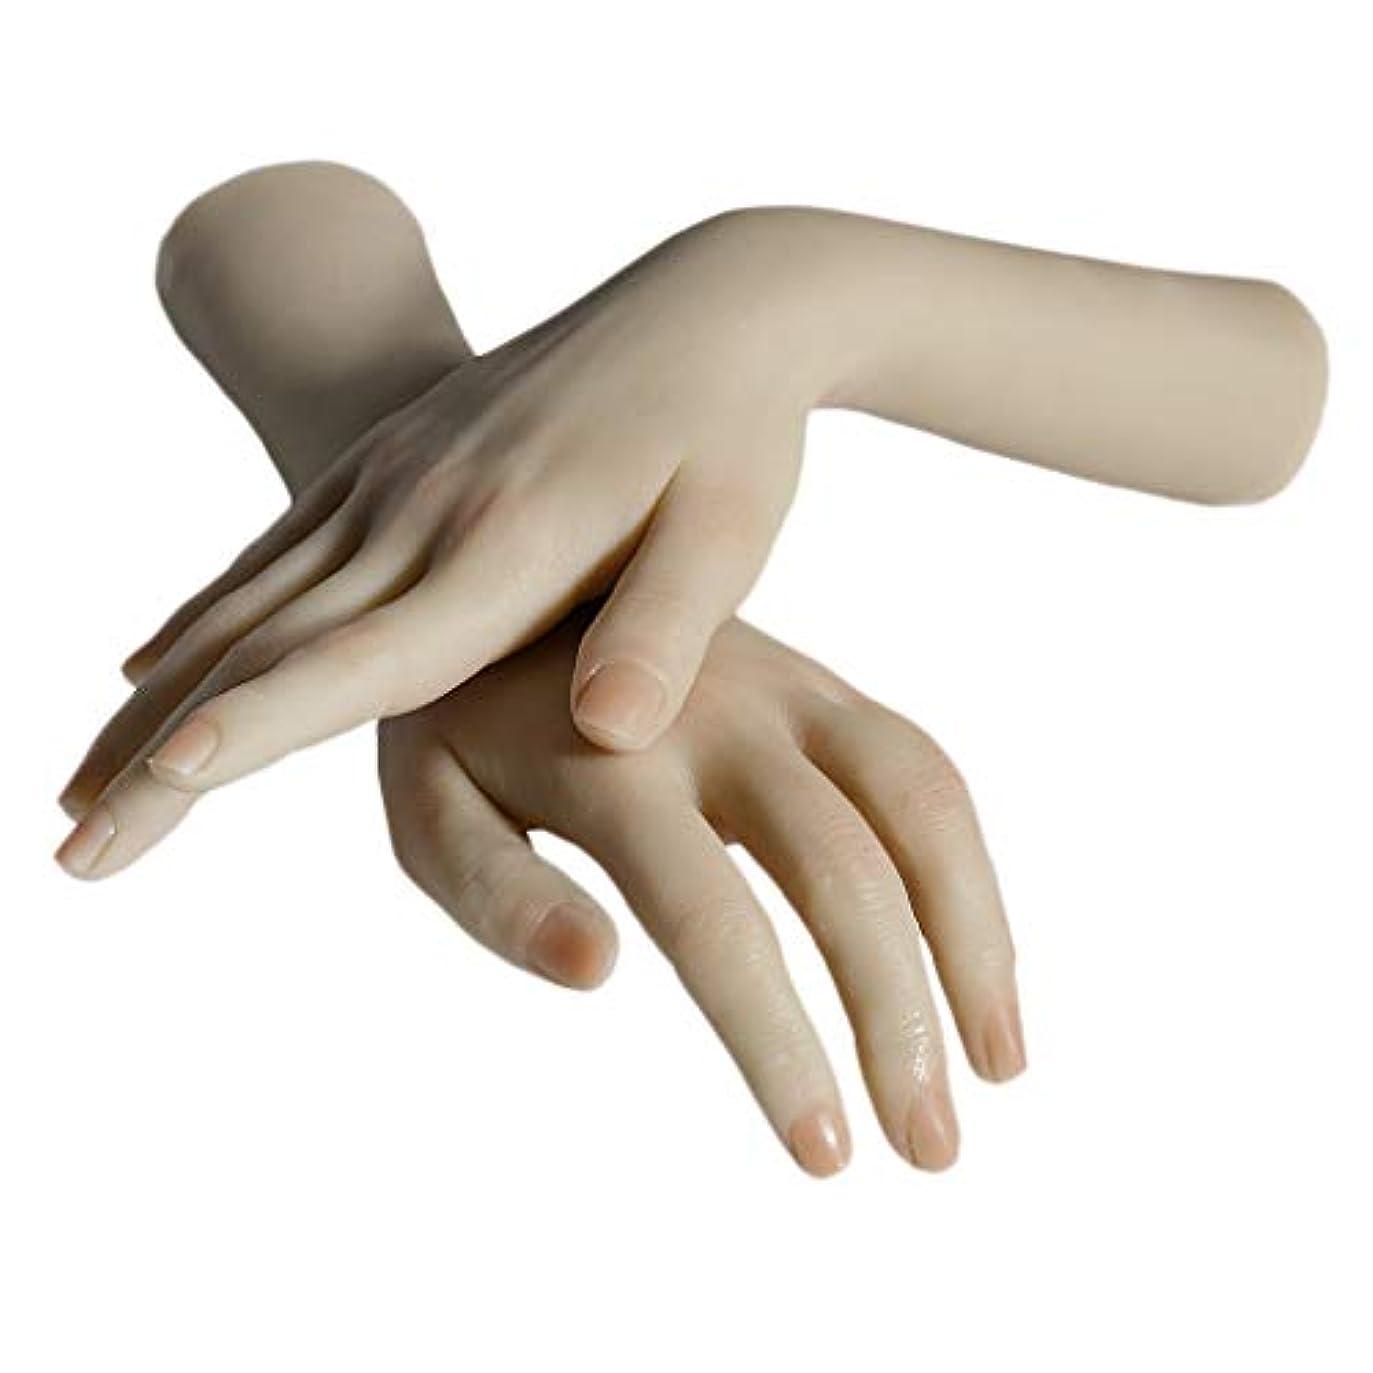 潜在的な接尾辞クレジットPerfeclan ネイルアート マネキンハンド 手表示モデル 手模型 練習 実践手 シリコン